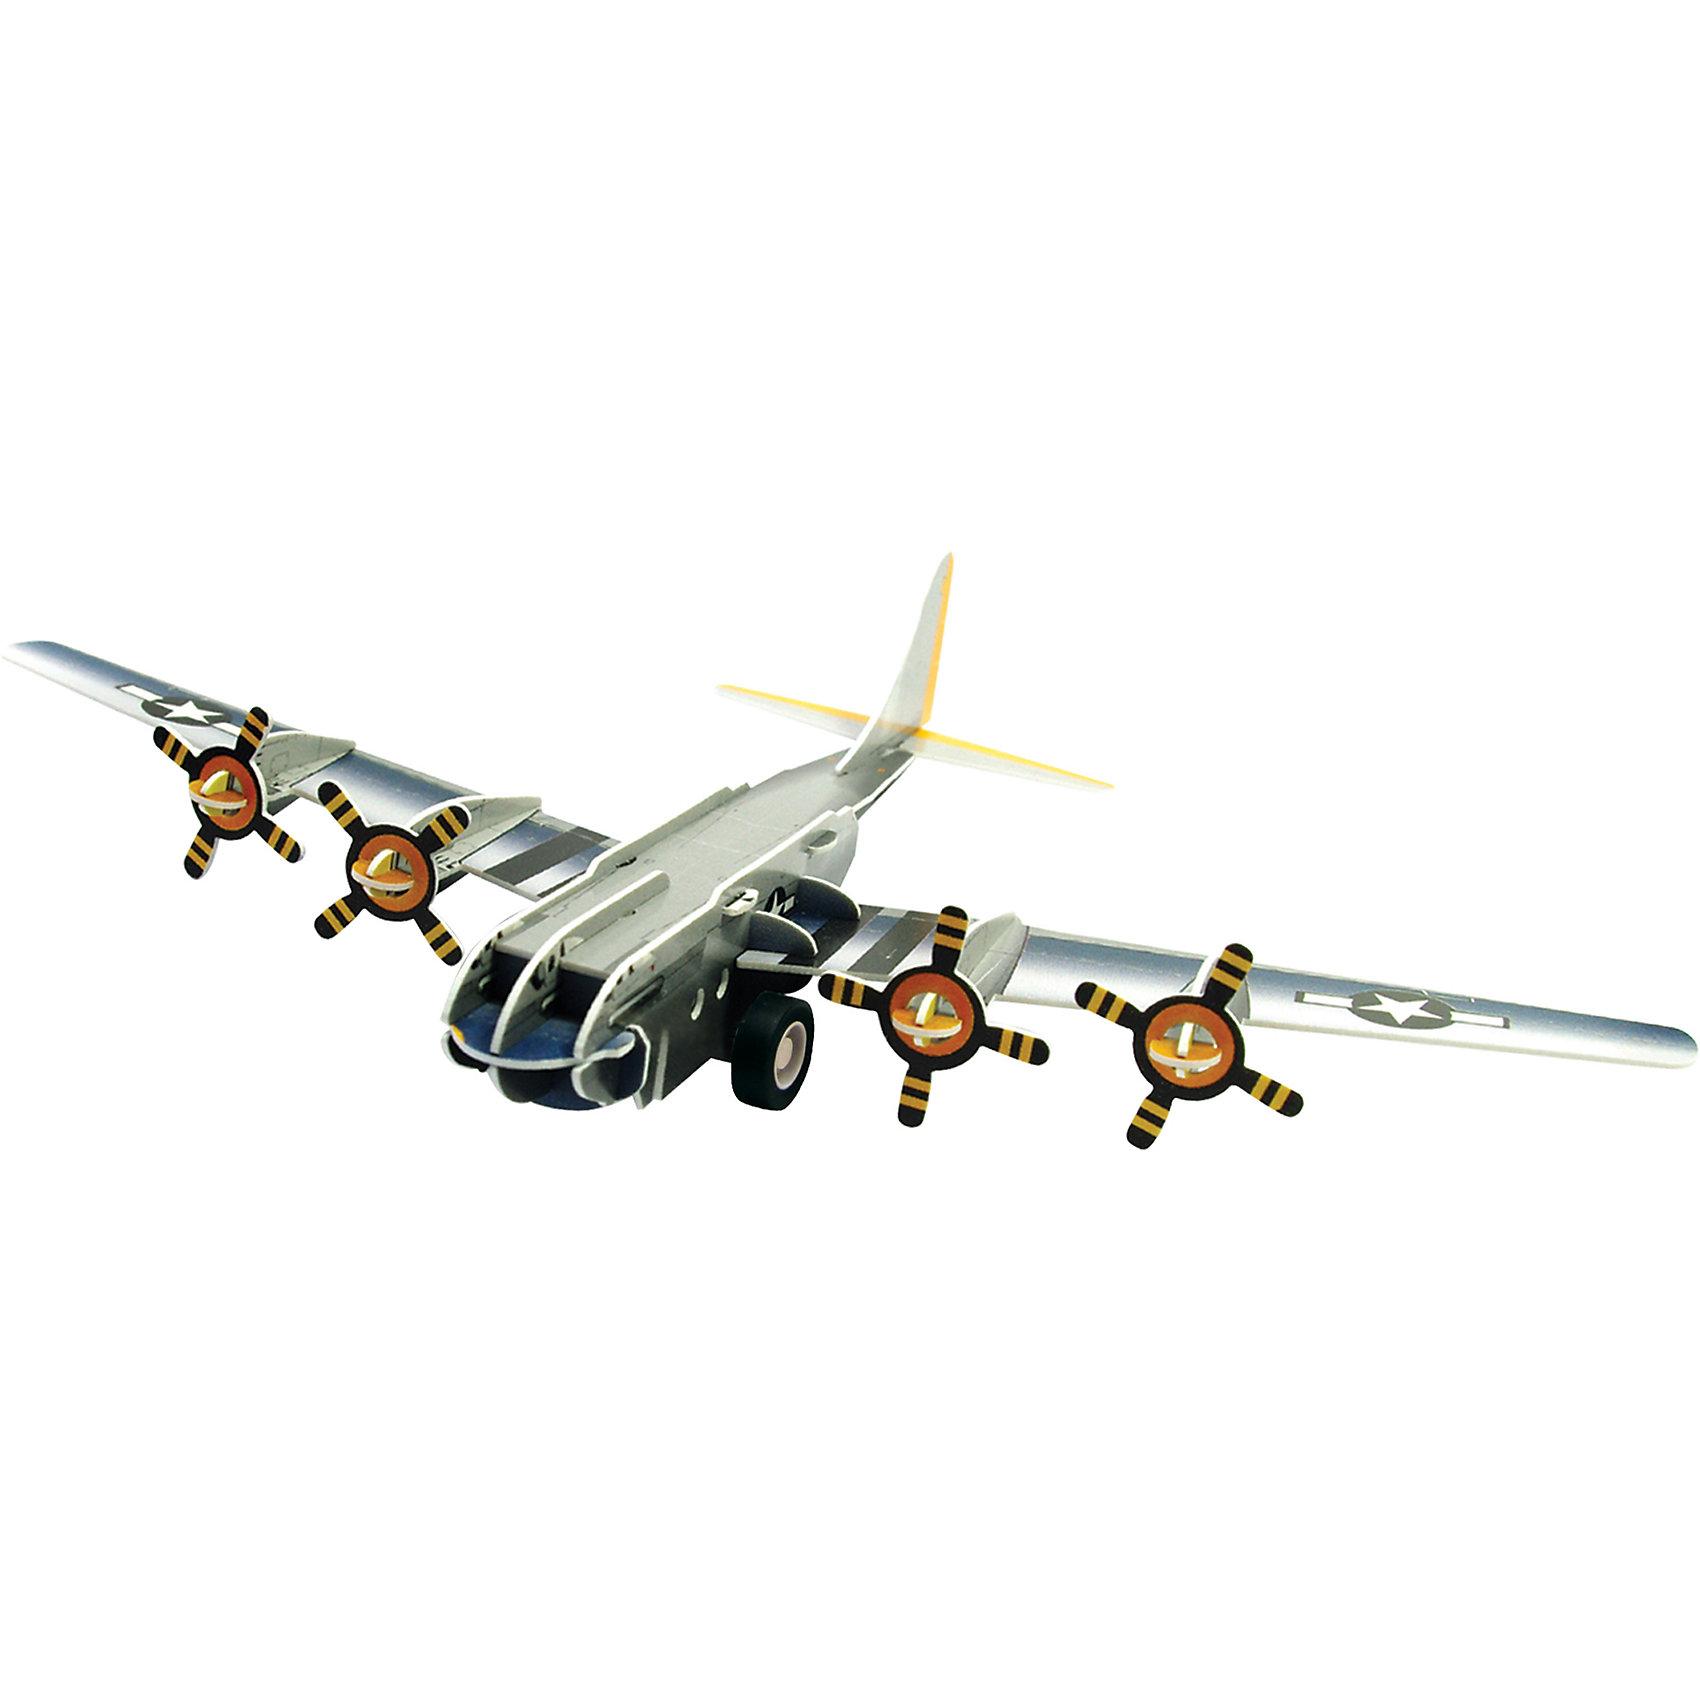 3D Пазл Бомбардировщик B-17 инерционный, 38 деталей